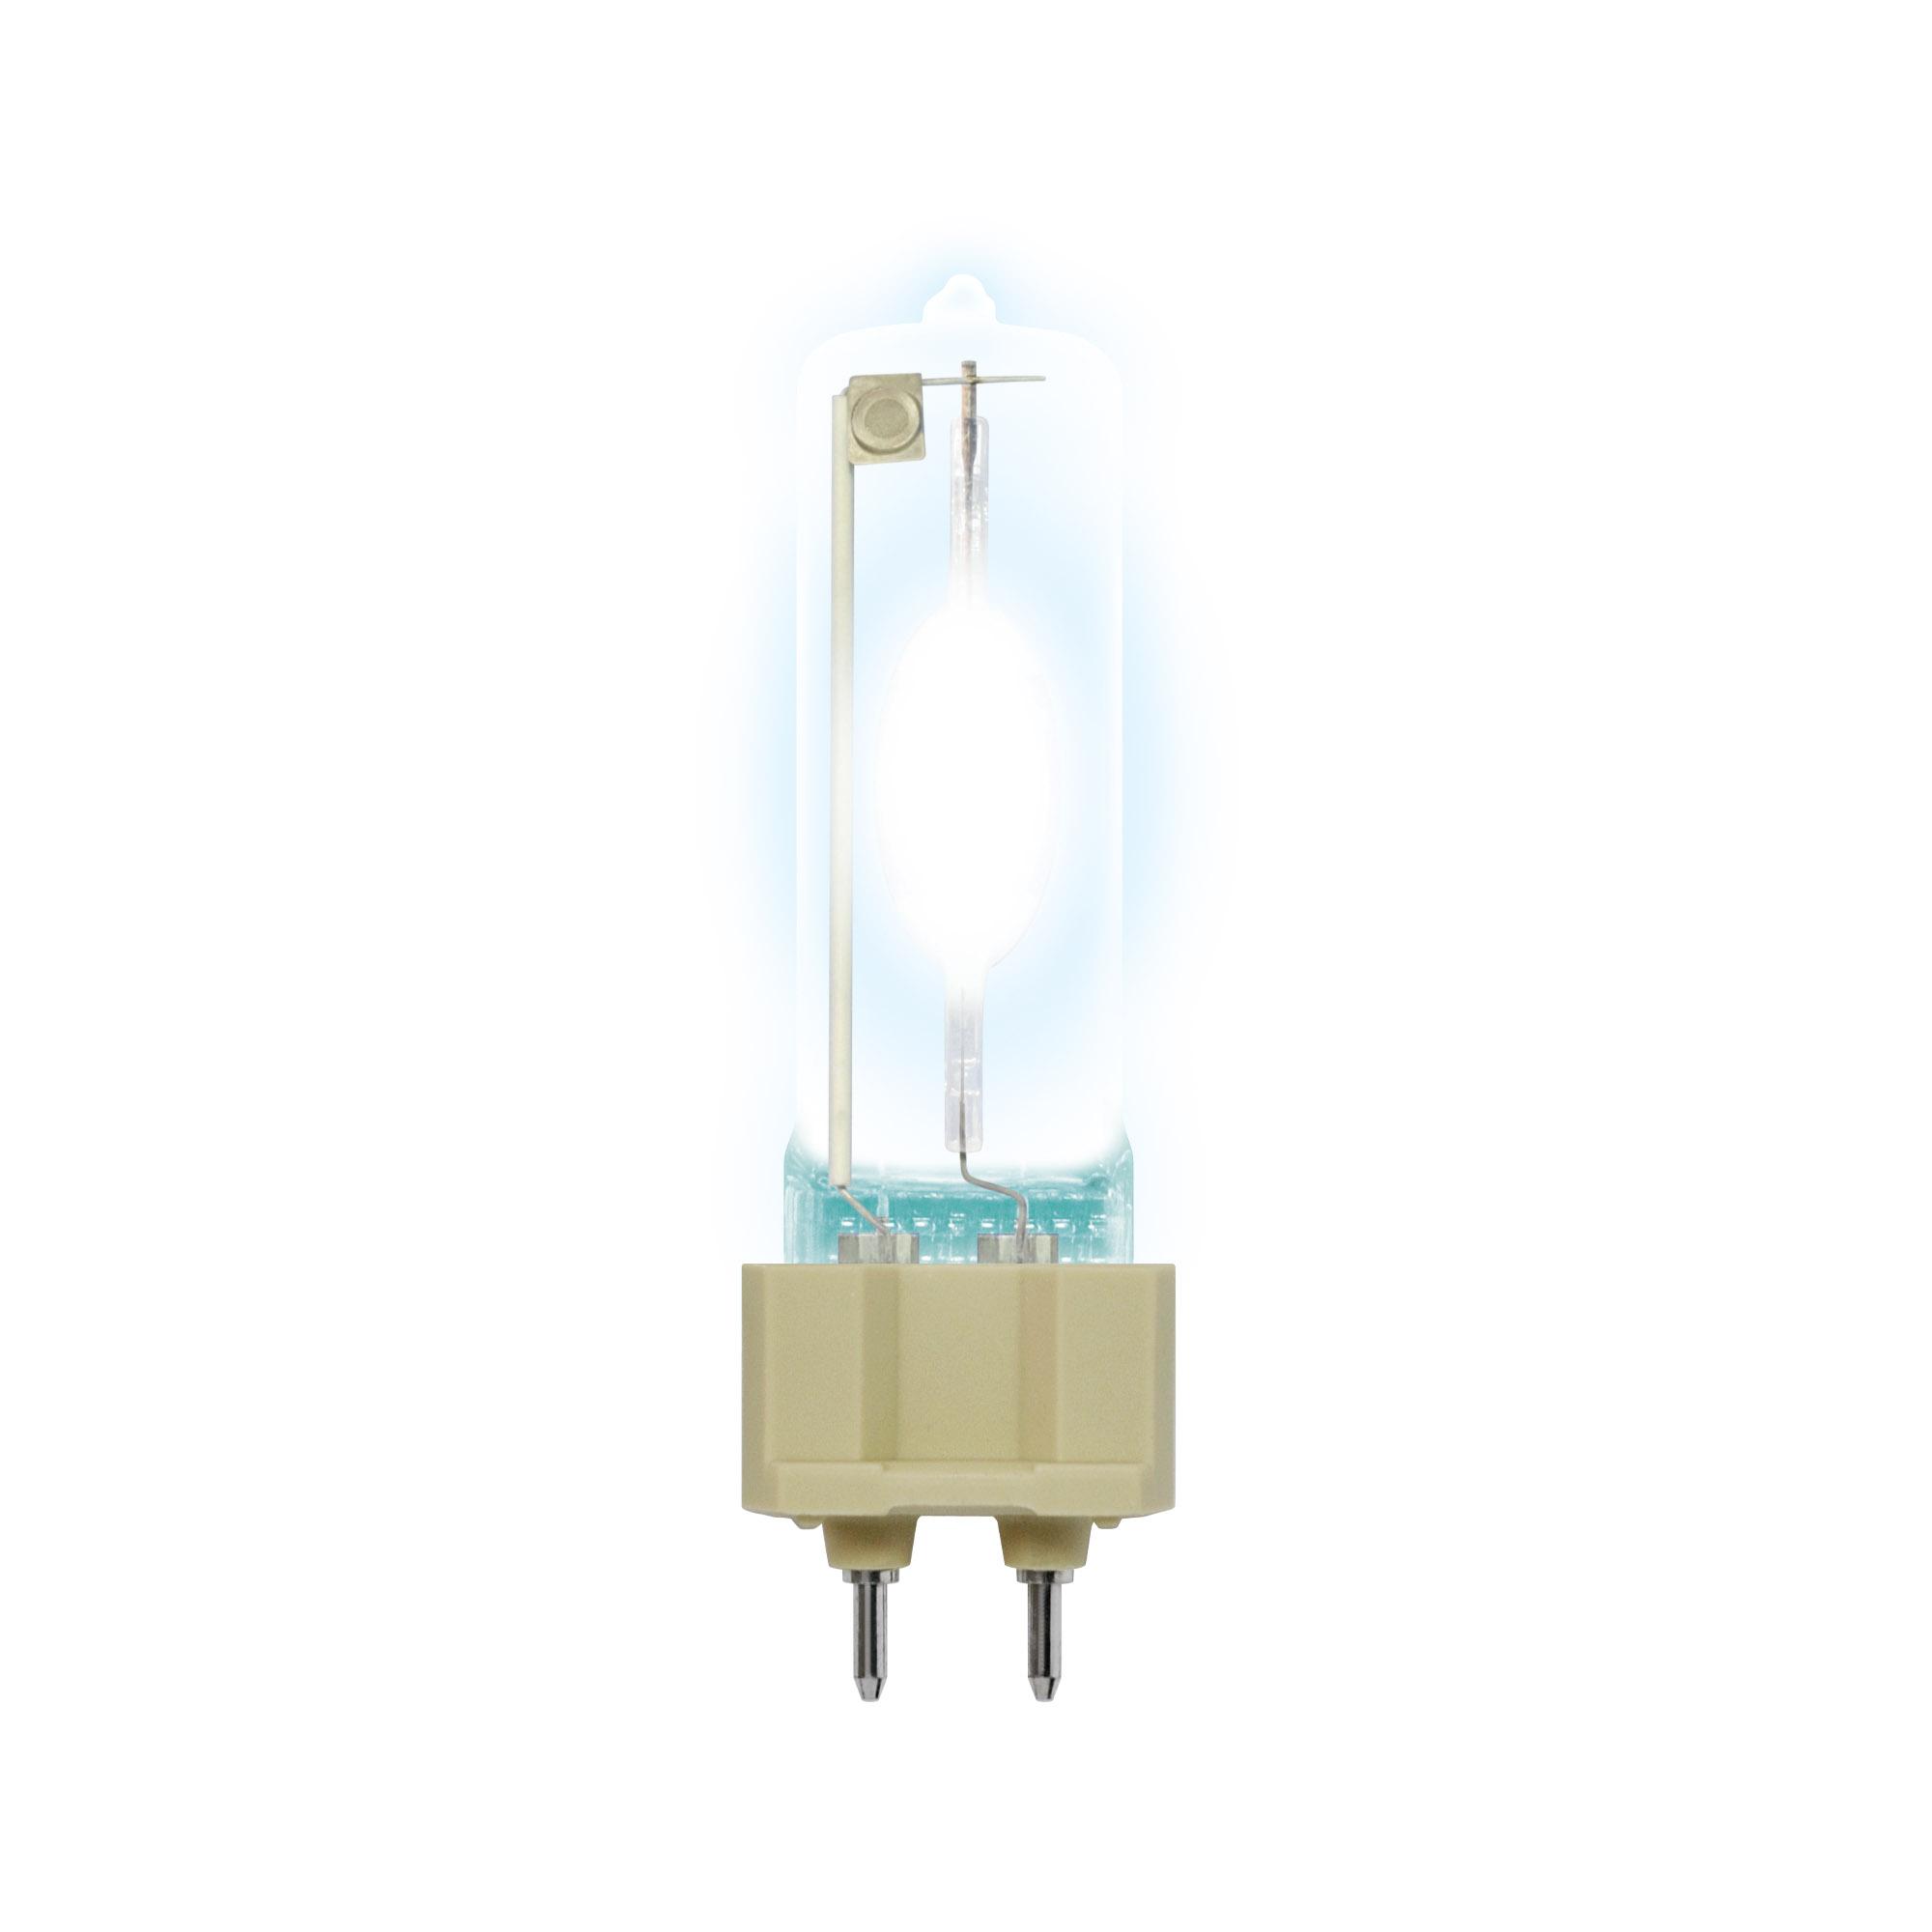 Лампа газоразрядная Uniel Mh-se-150/4200/g12  (MH-SE-150/4200/G12 картон)